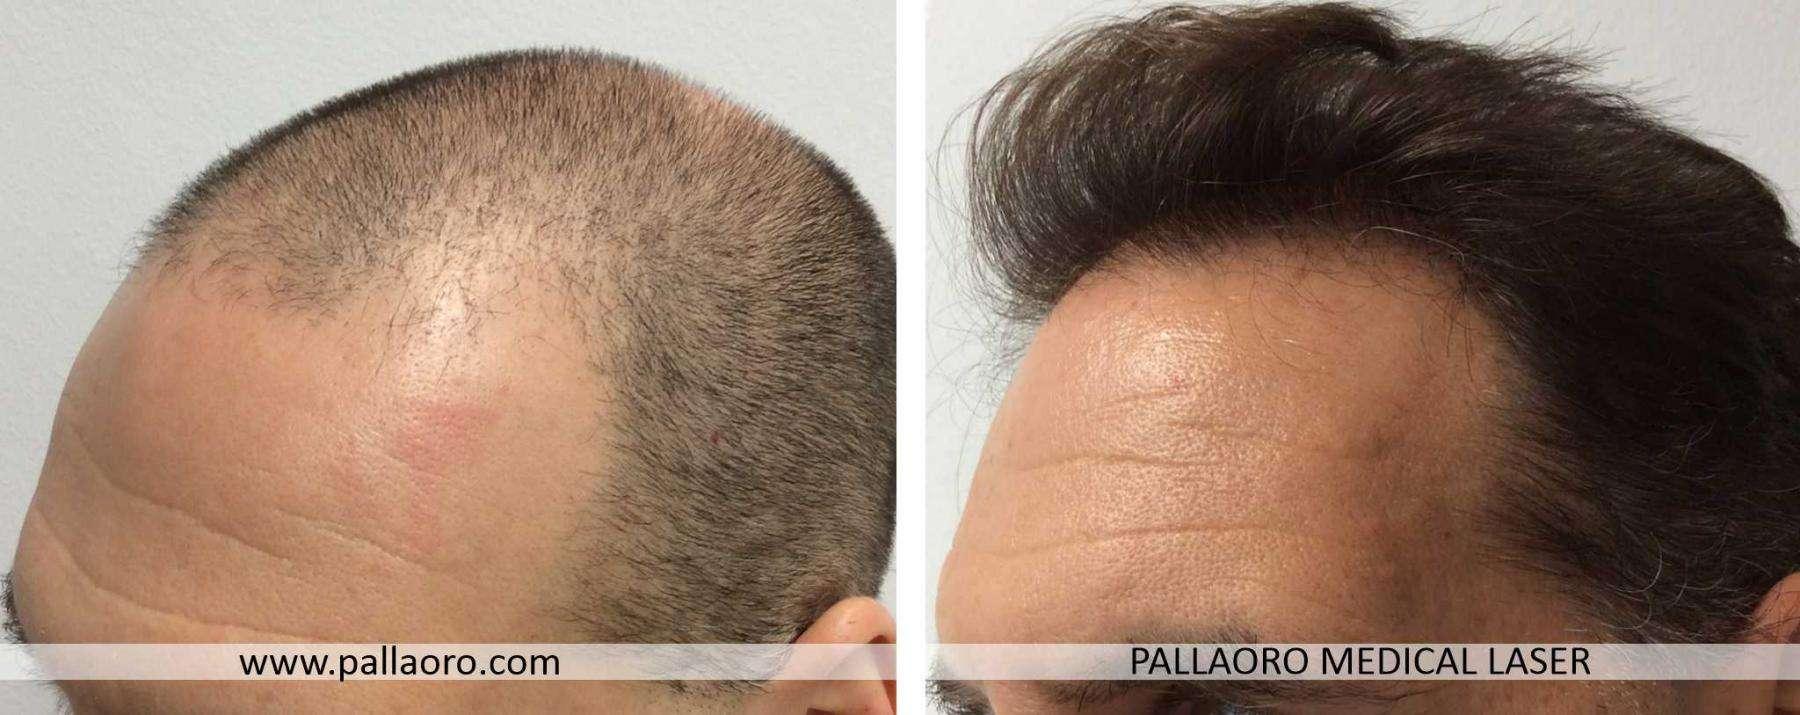 trapianto capelli 2021 01 b